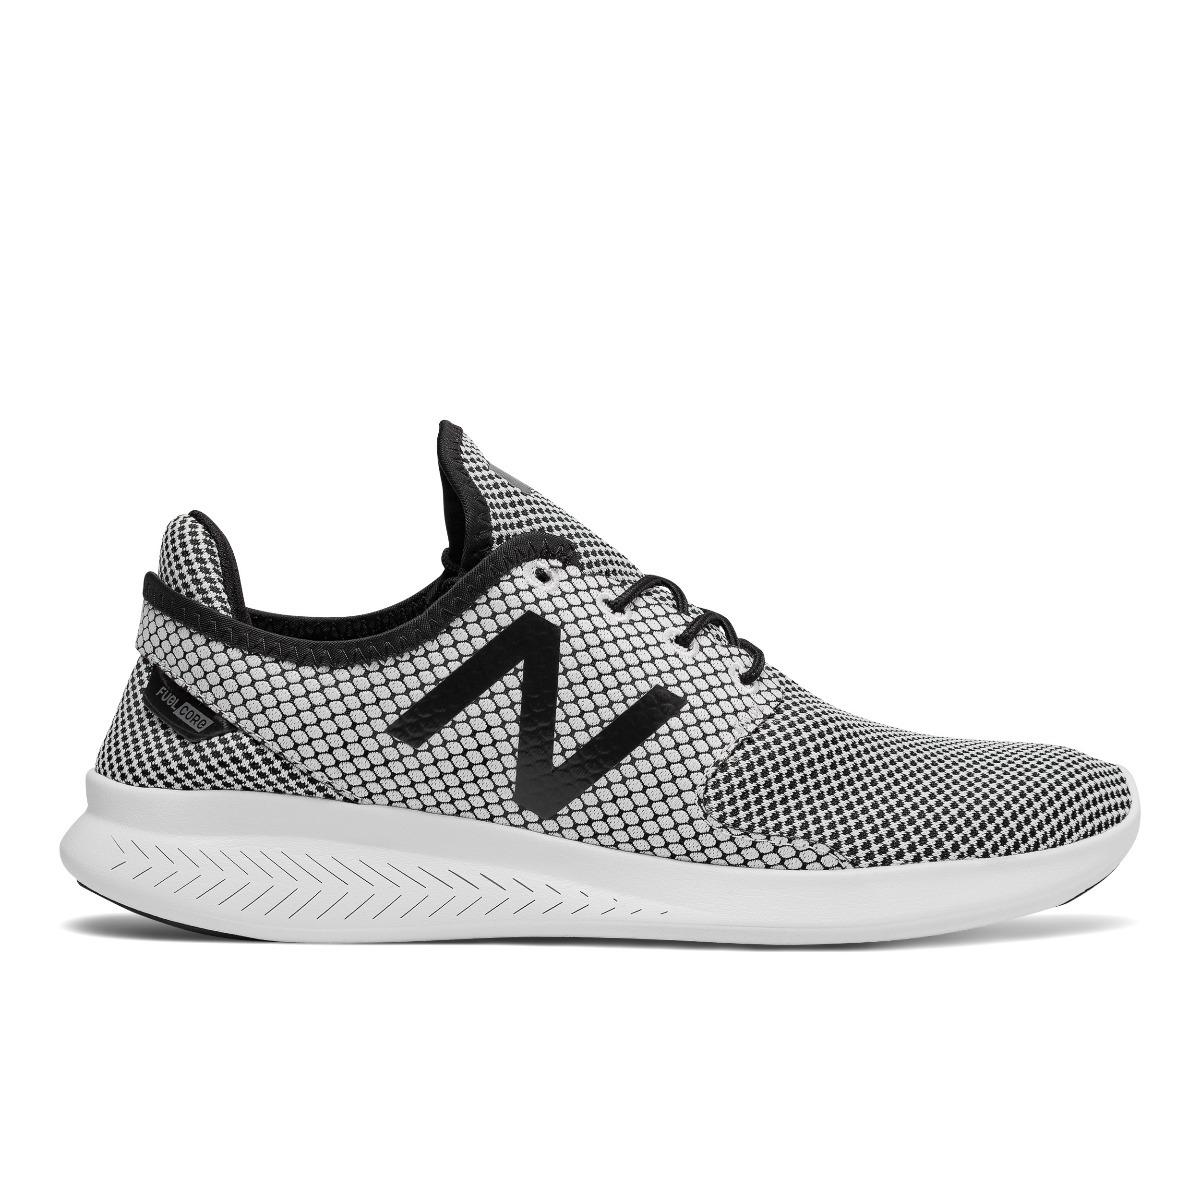 Zapatillas New Balance Hombre Fuelcore Coast V3 Inverse -   2.499 7f392dd704c56